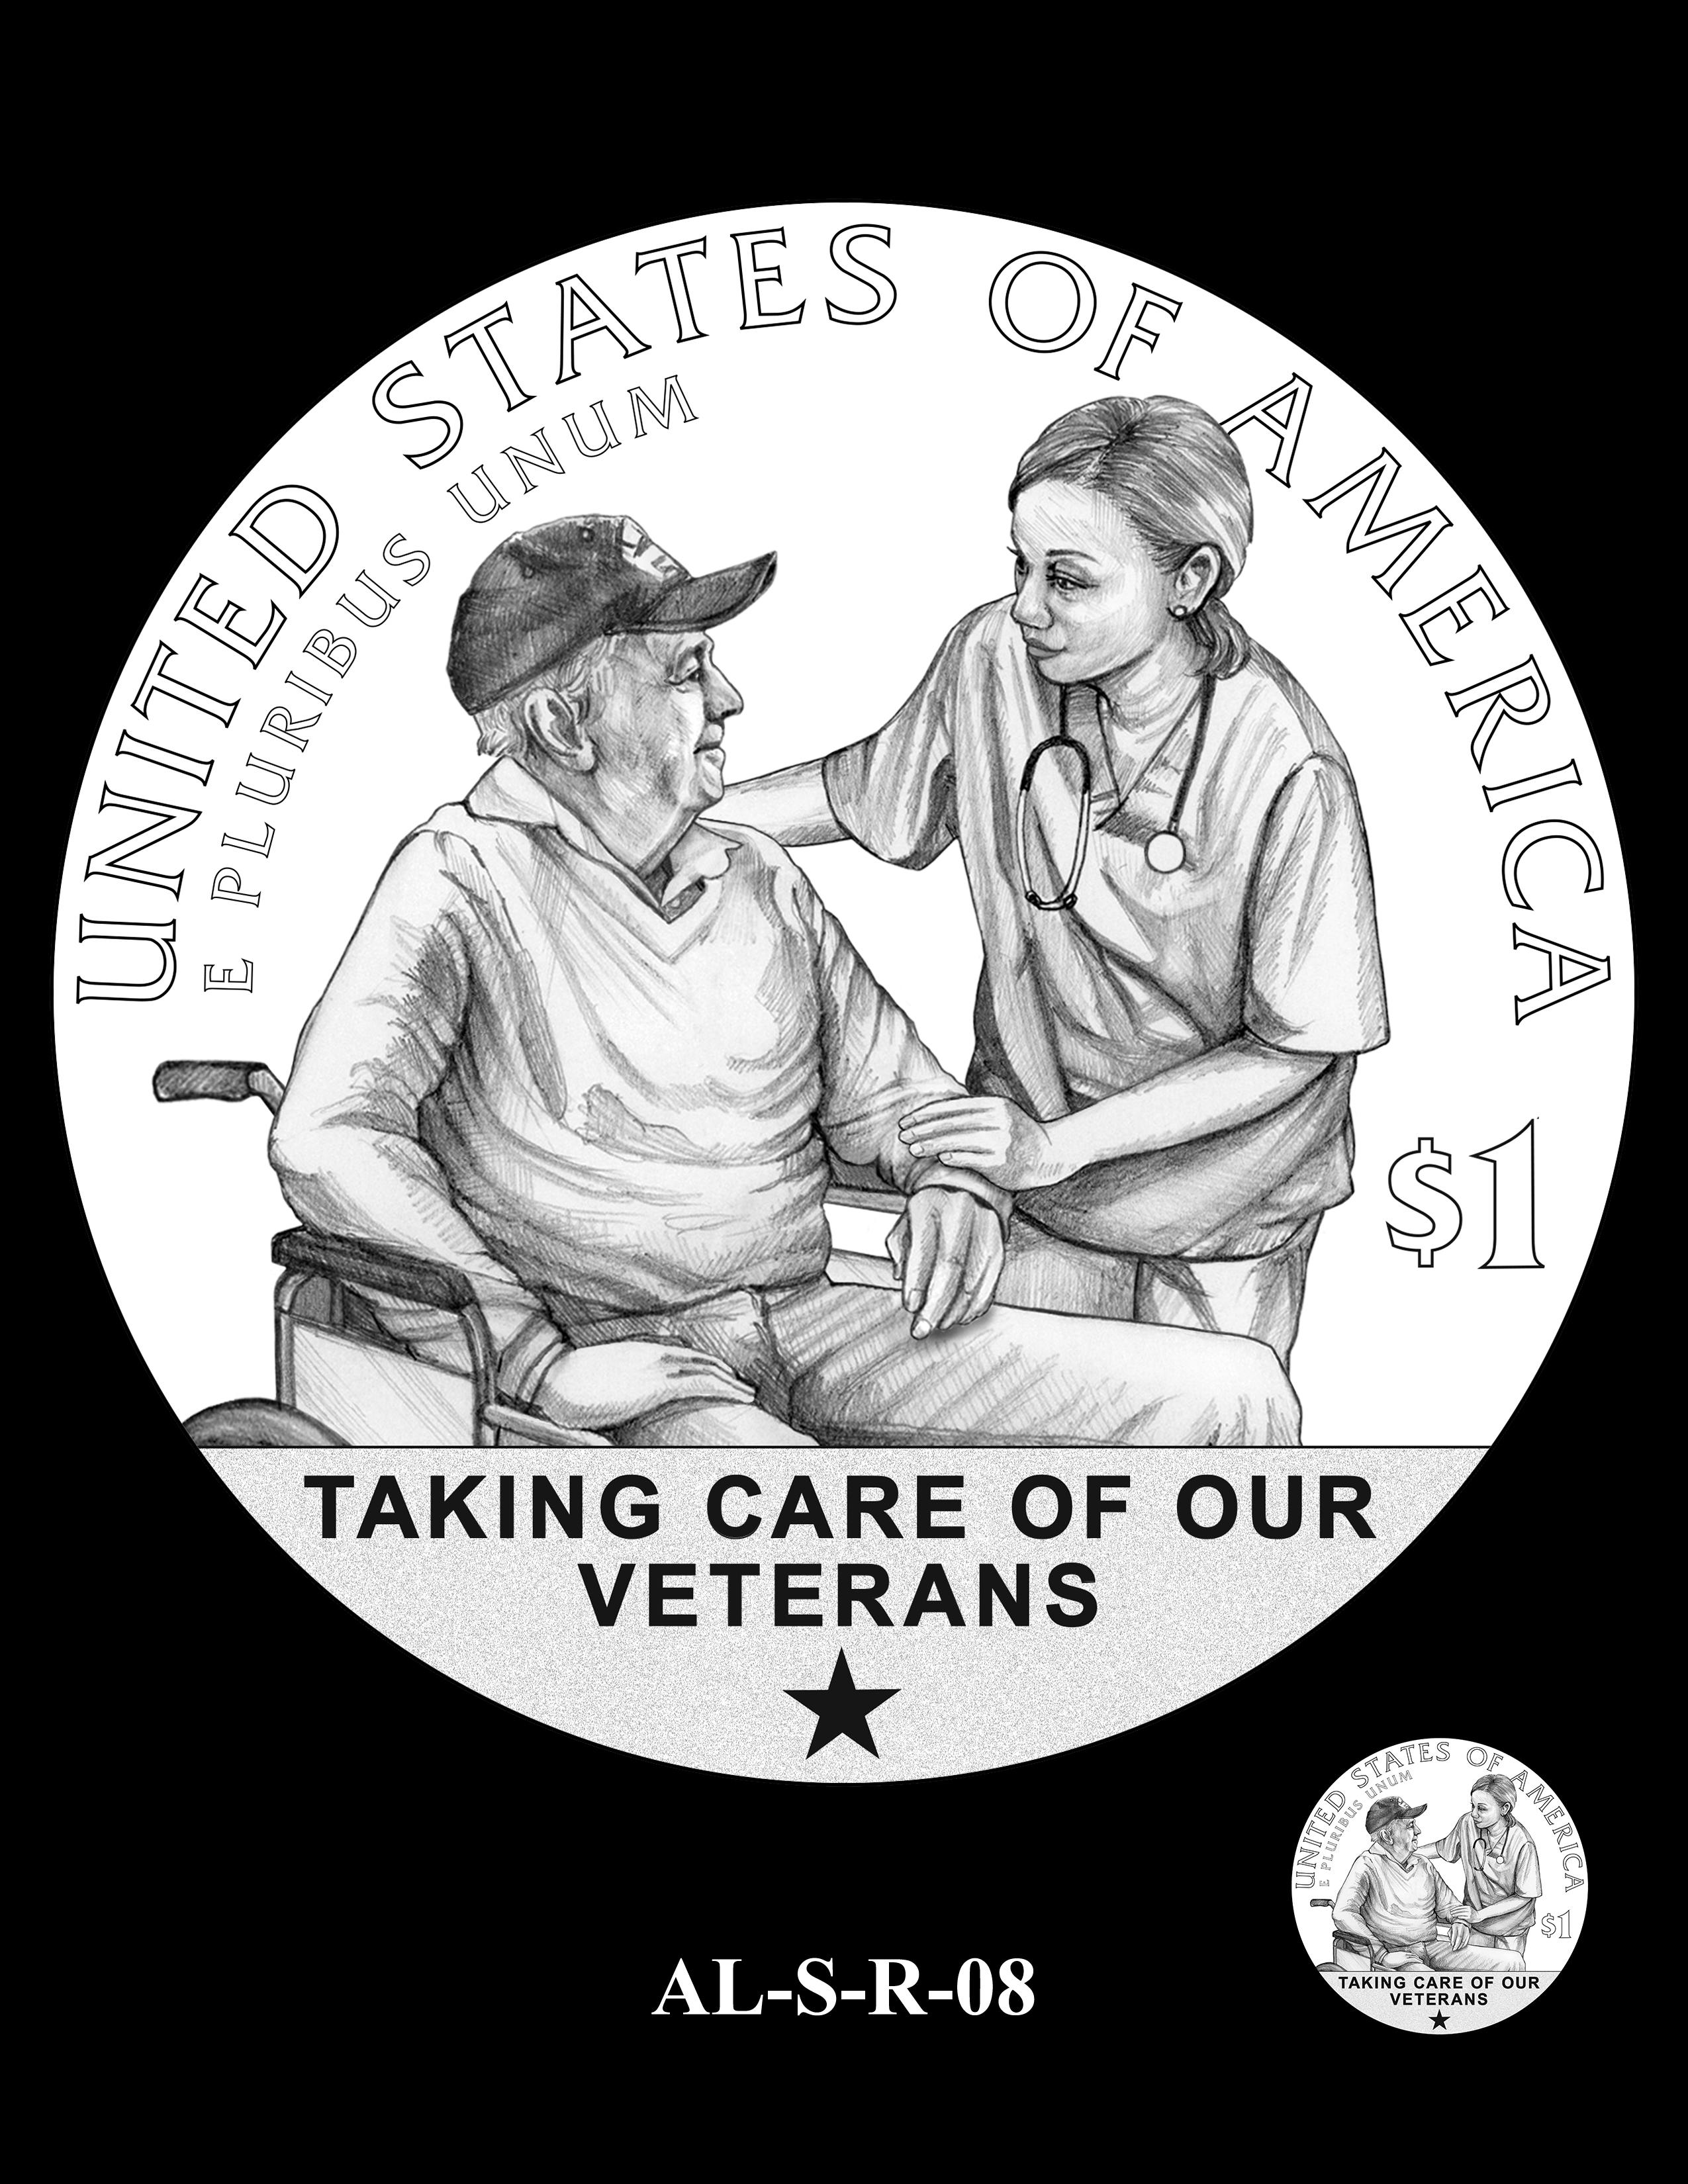 AL-S-R-08 -- 2019 American Legion 100th Anniversary Commemorative Coin Program - Silver Reverse